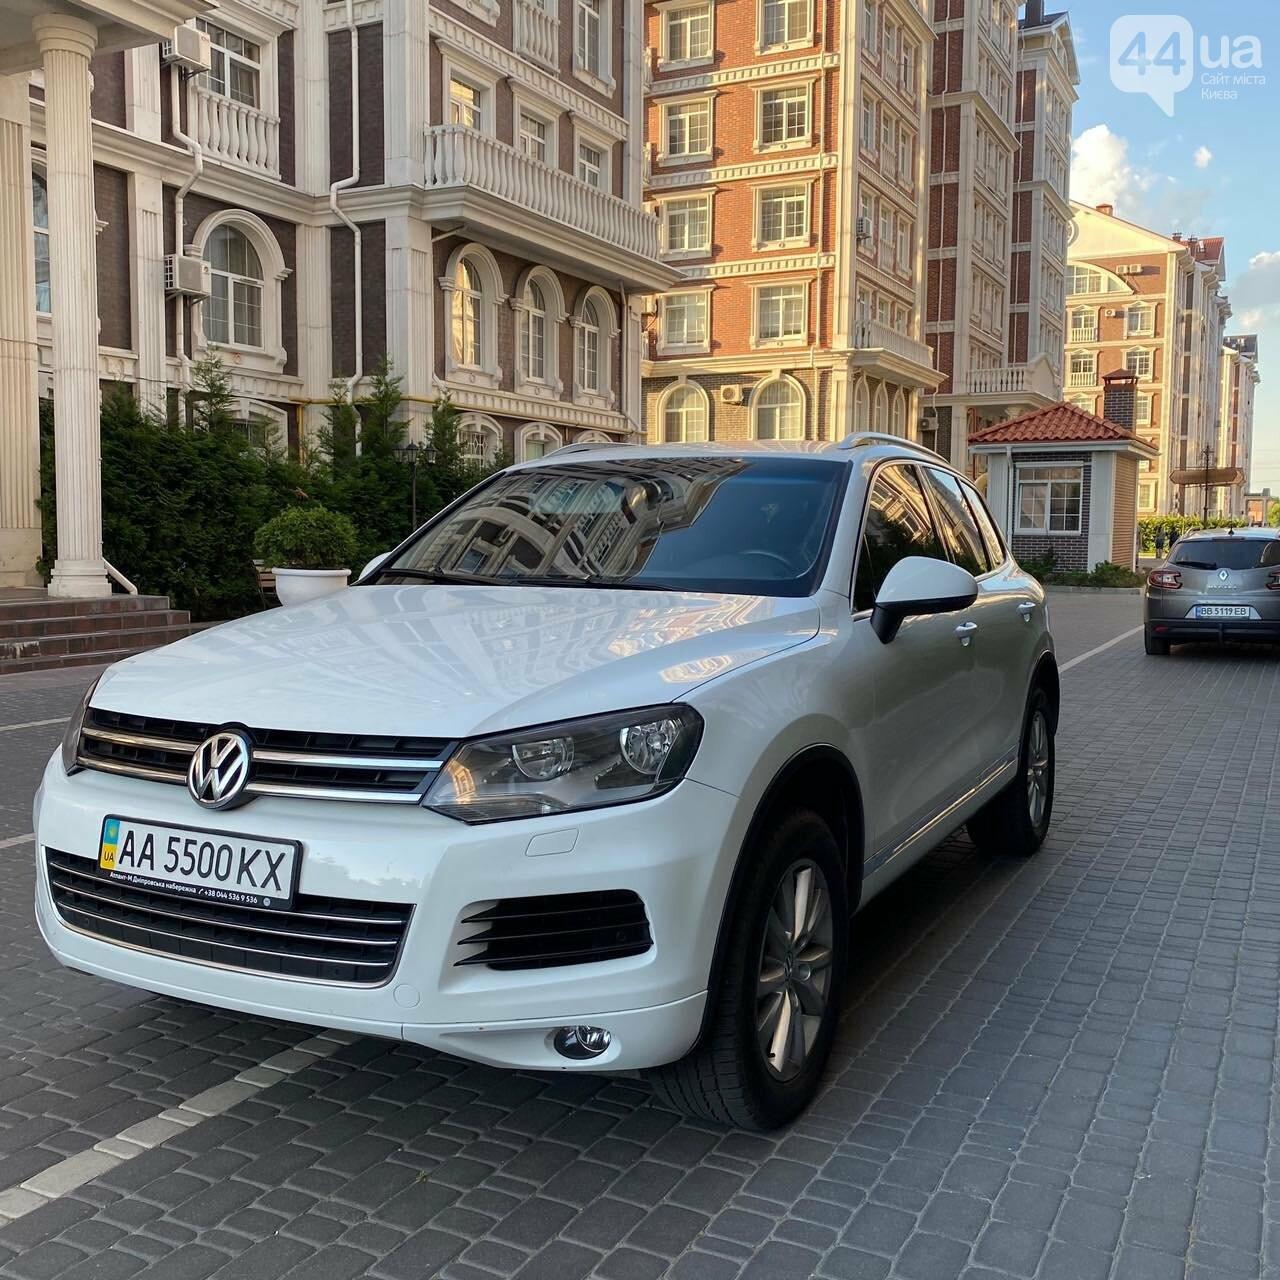 Как продать авто в Киеве быстро и выгодно?, фото-5